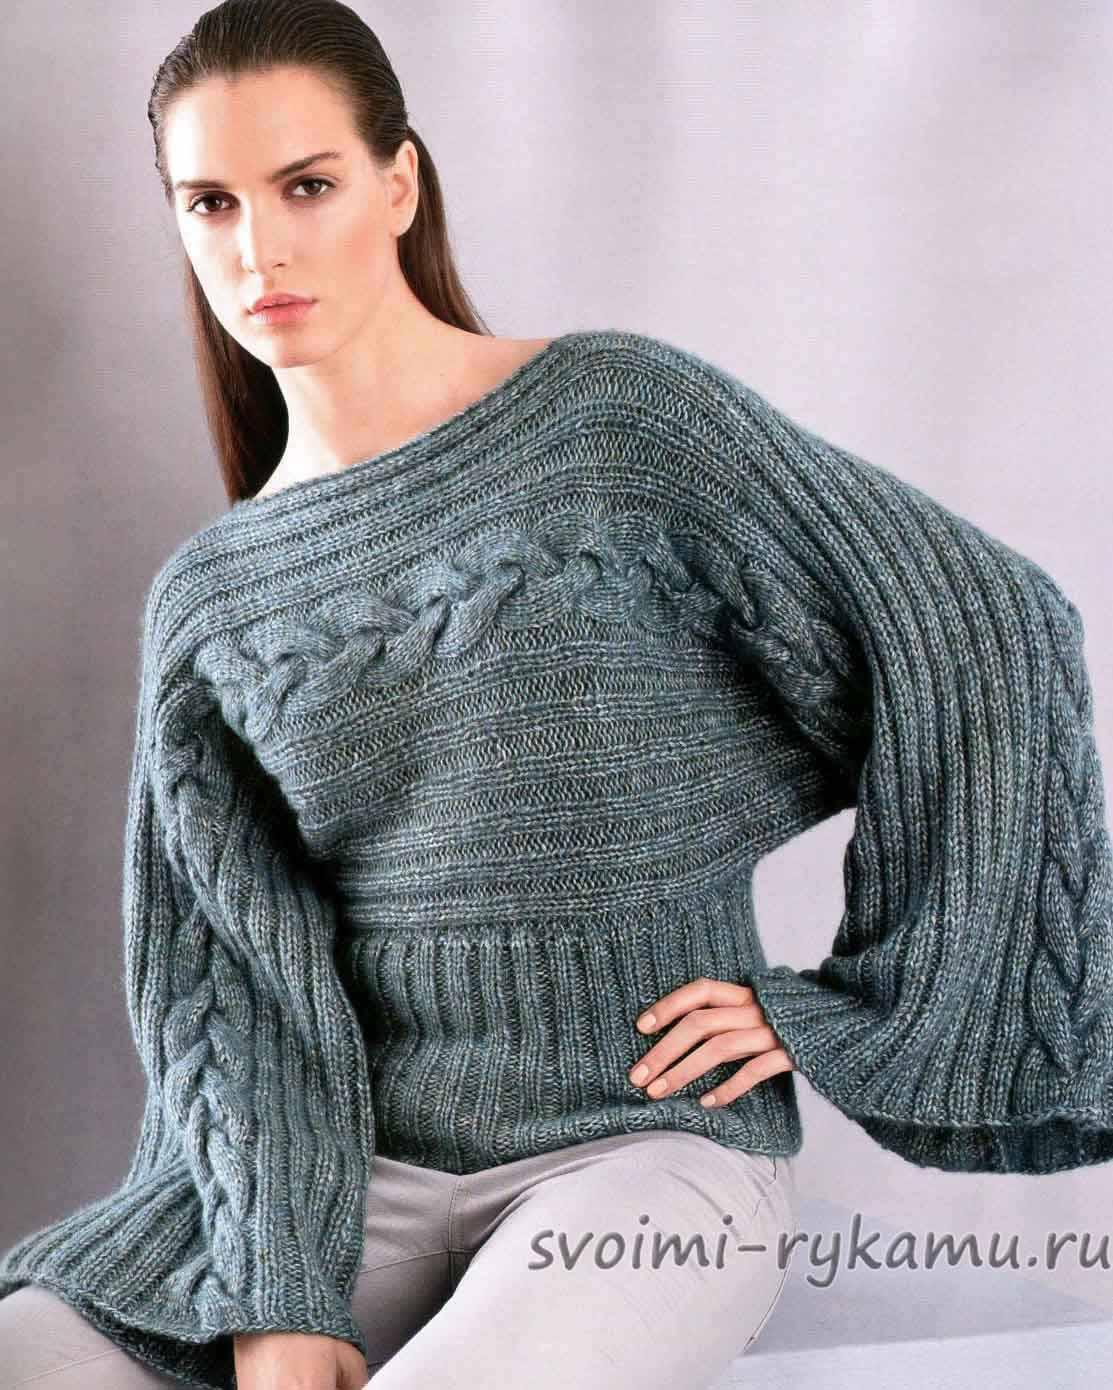 пуловер с широкими рукавами и горлом схема и описание